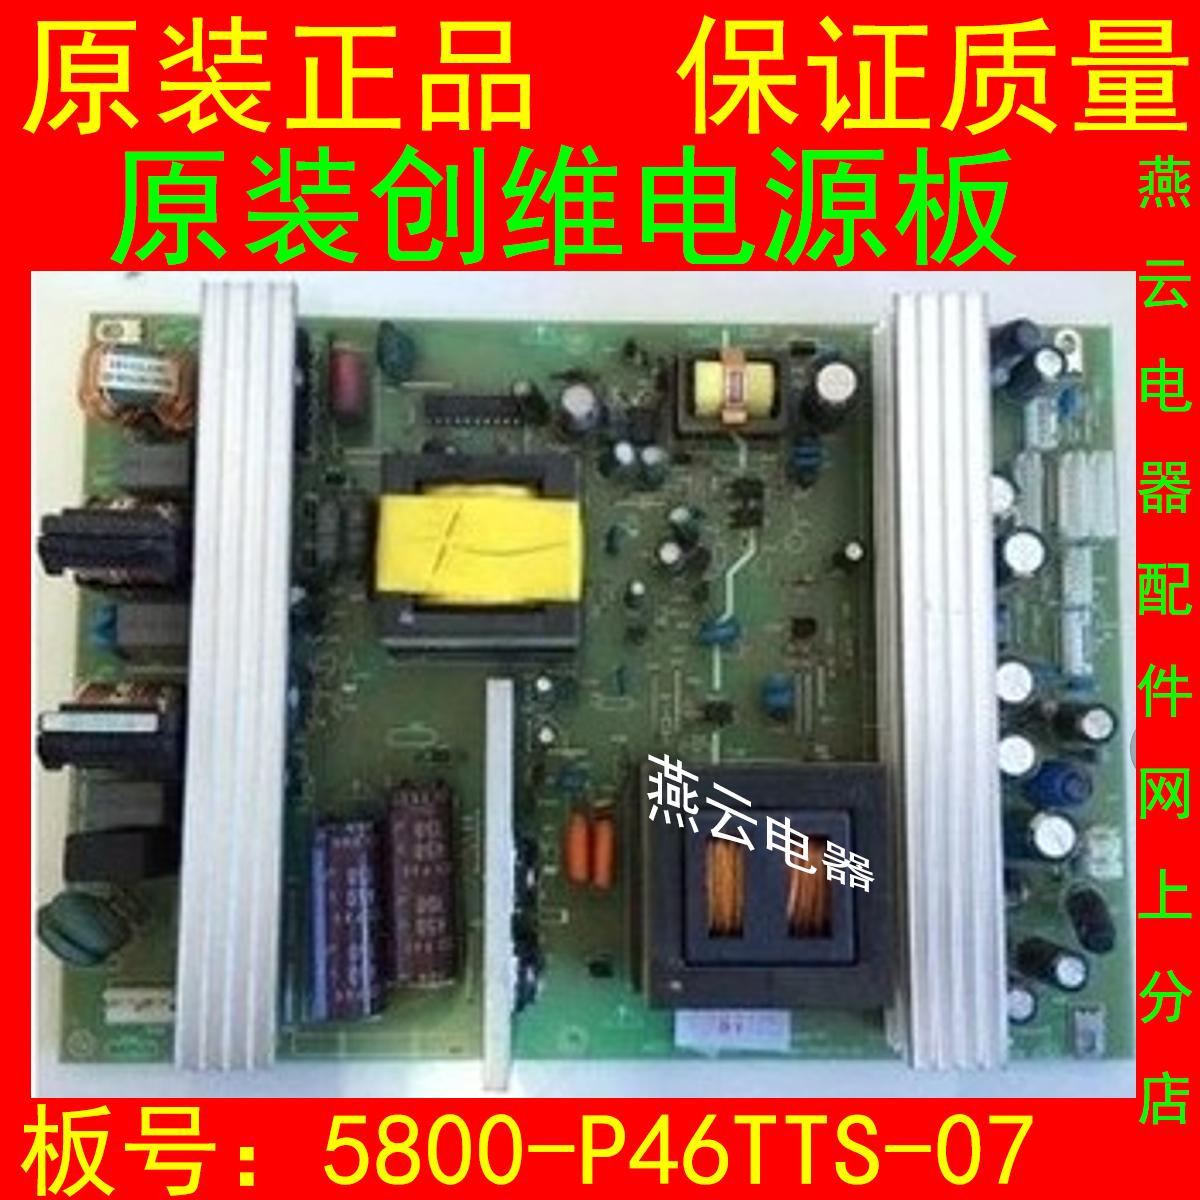 47L01HF47L02RF первоначального подлинного skyworth полномочия Совета 5800-P46TTS-0706 жидкокристаллический телевизор